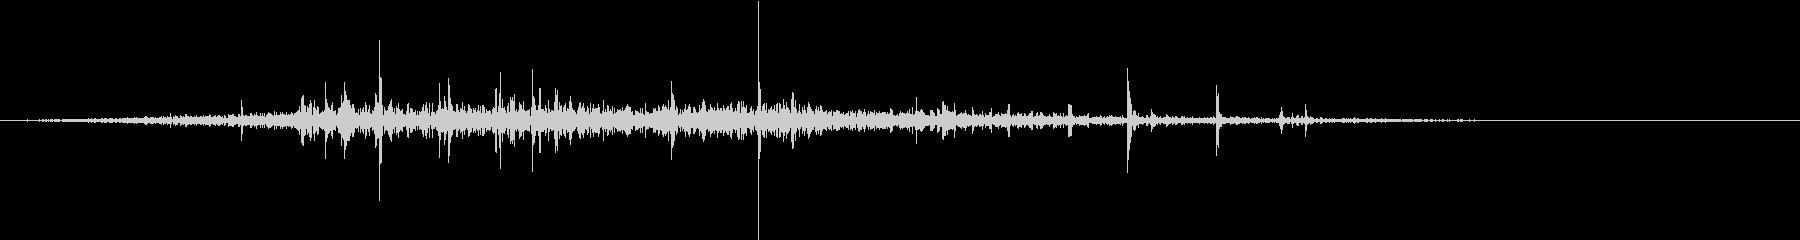 【生録音】布団を剥がす音 2の未再生の波形